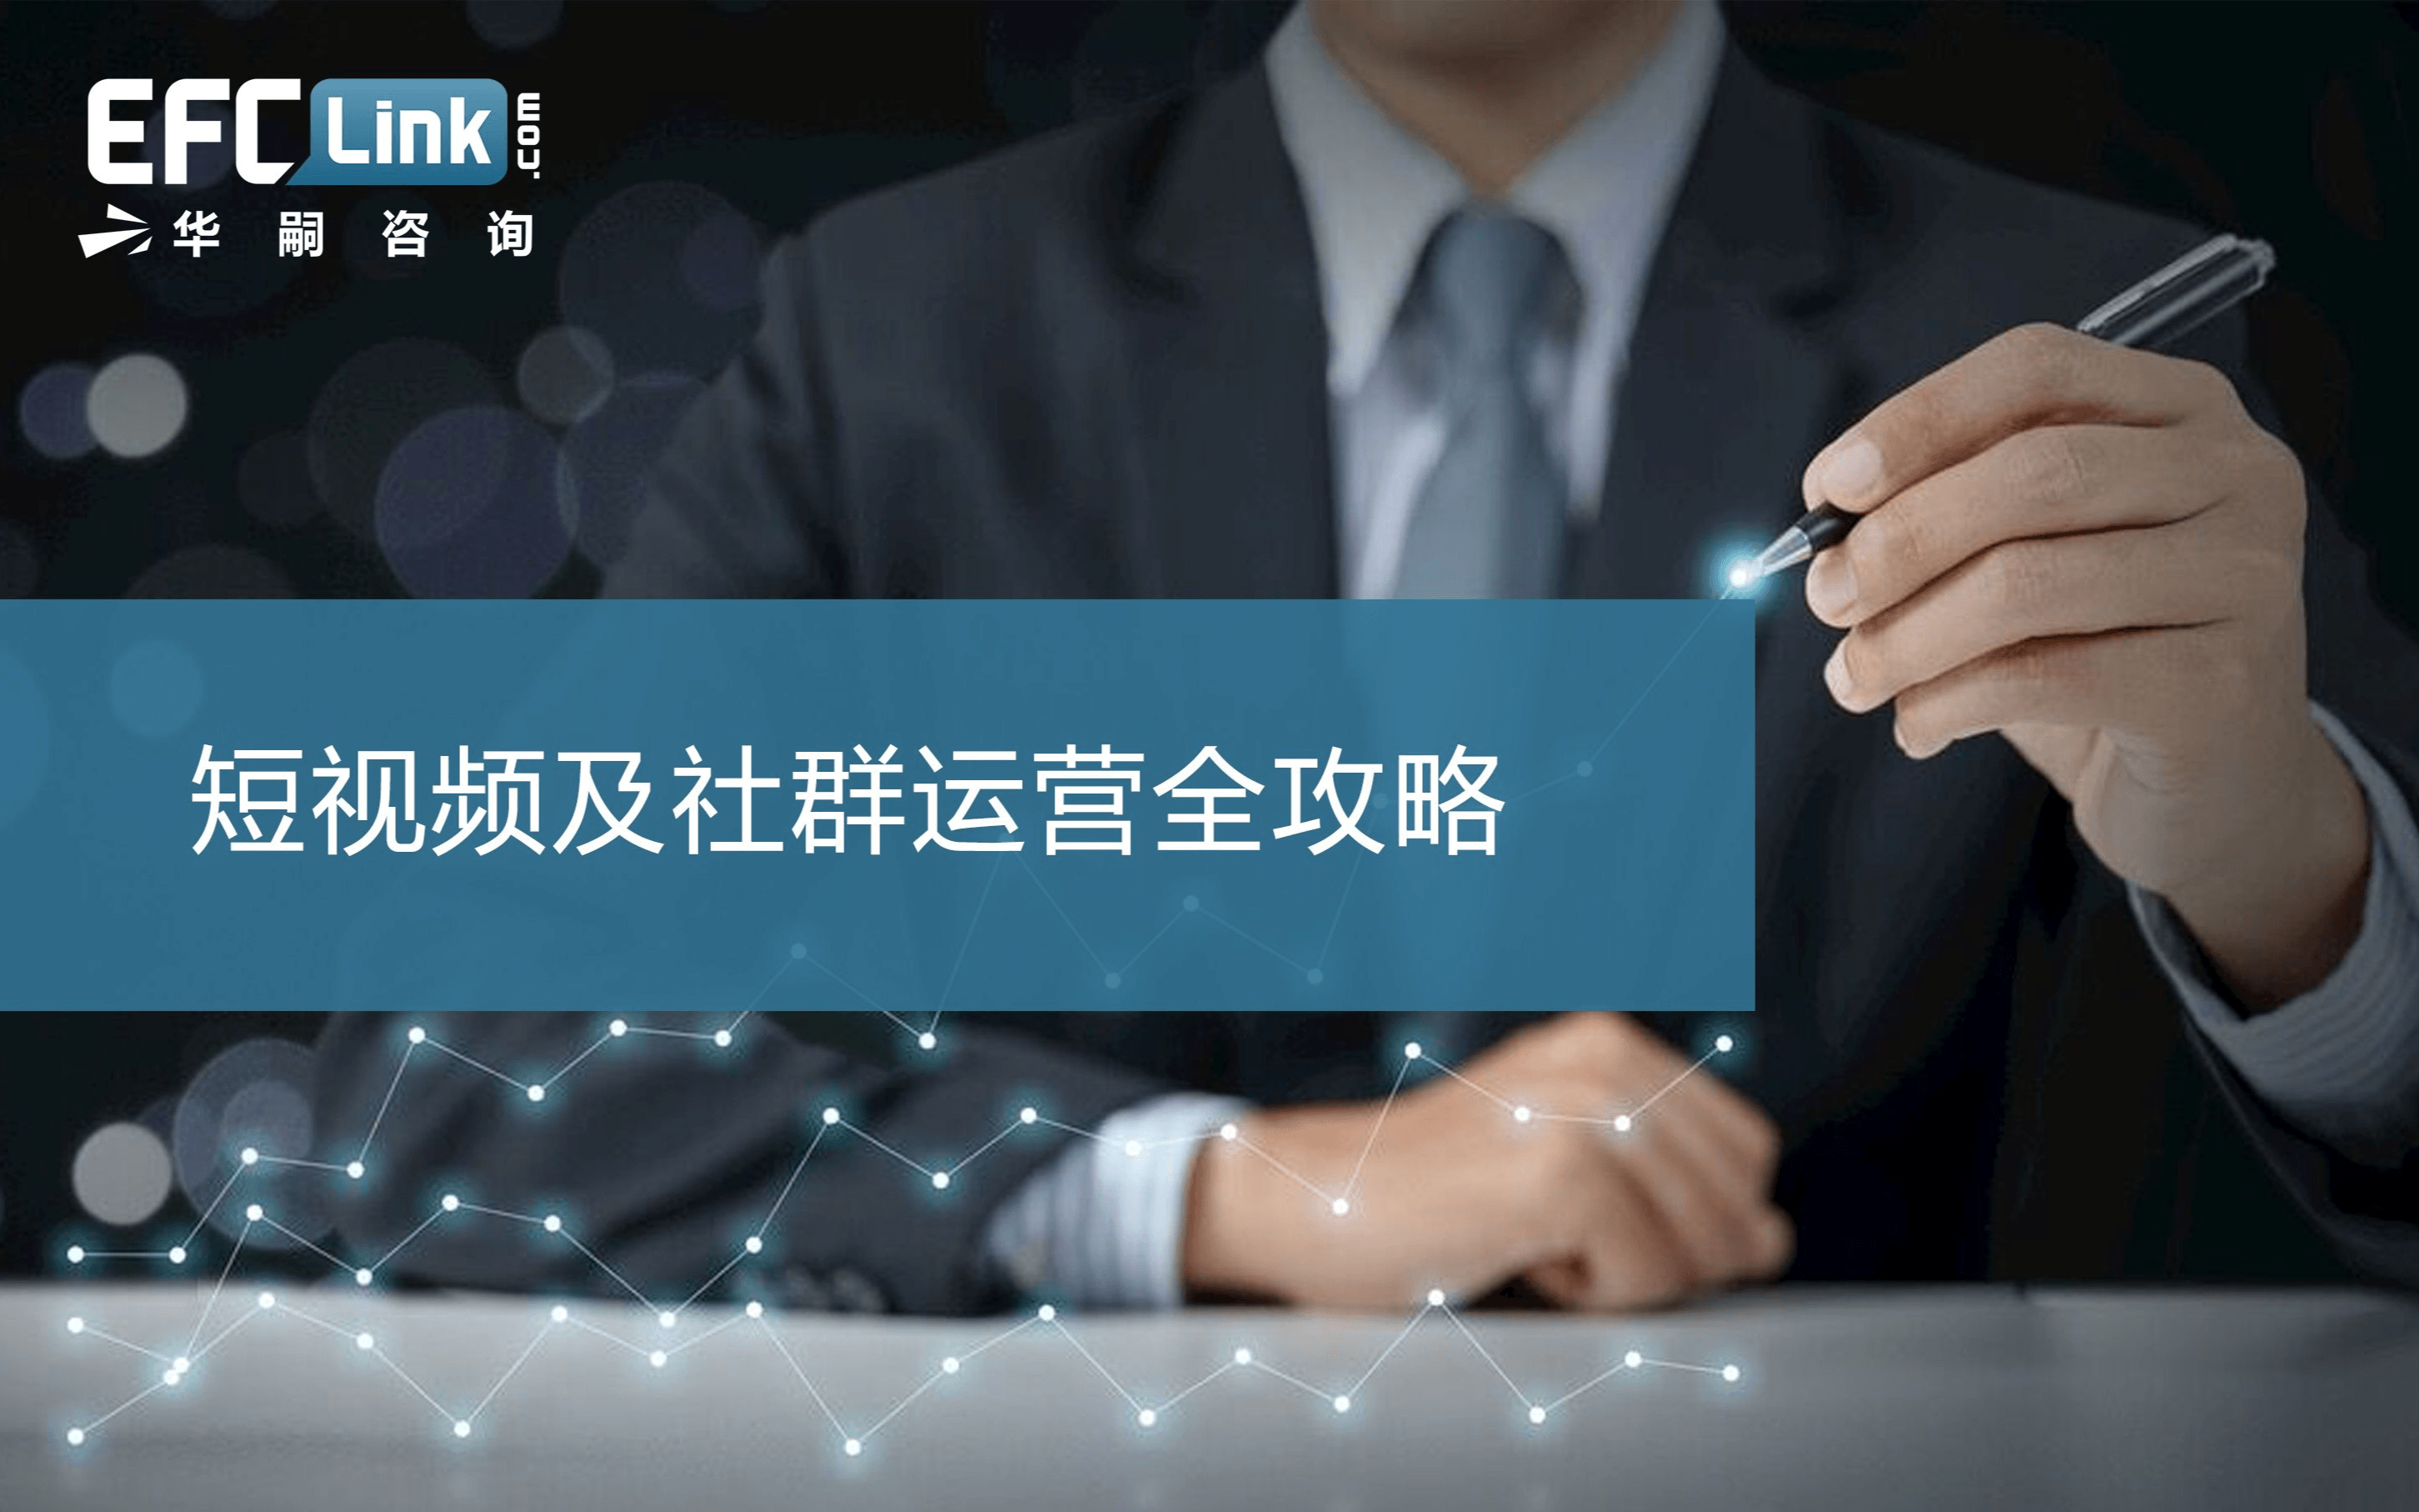 短視頻及社群運營全攻略(深圳-4月24日)